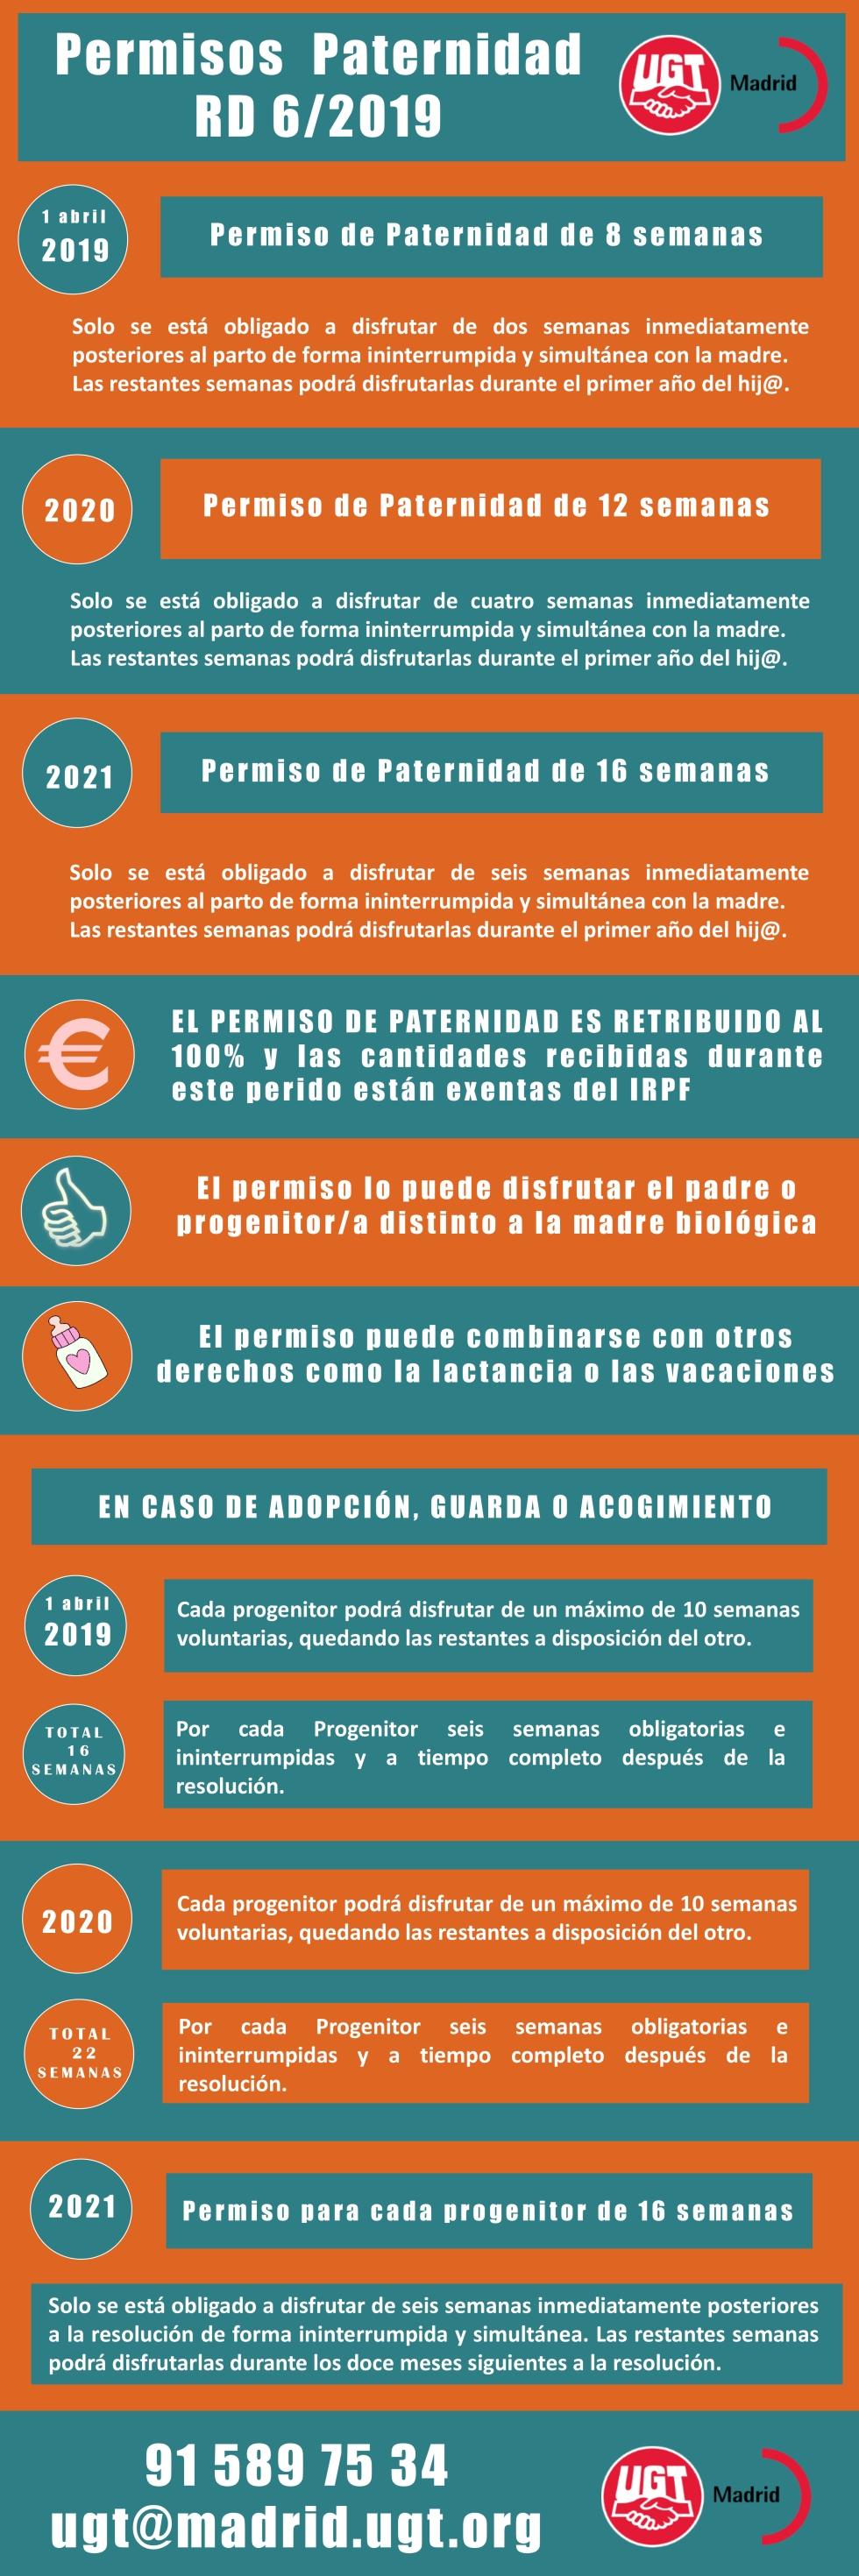 NUEVO PERMISO DE PATERNIDAD, ADOPCIÓN, GUARDA O ACOGIMIENTO